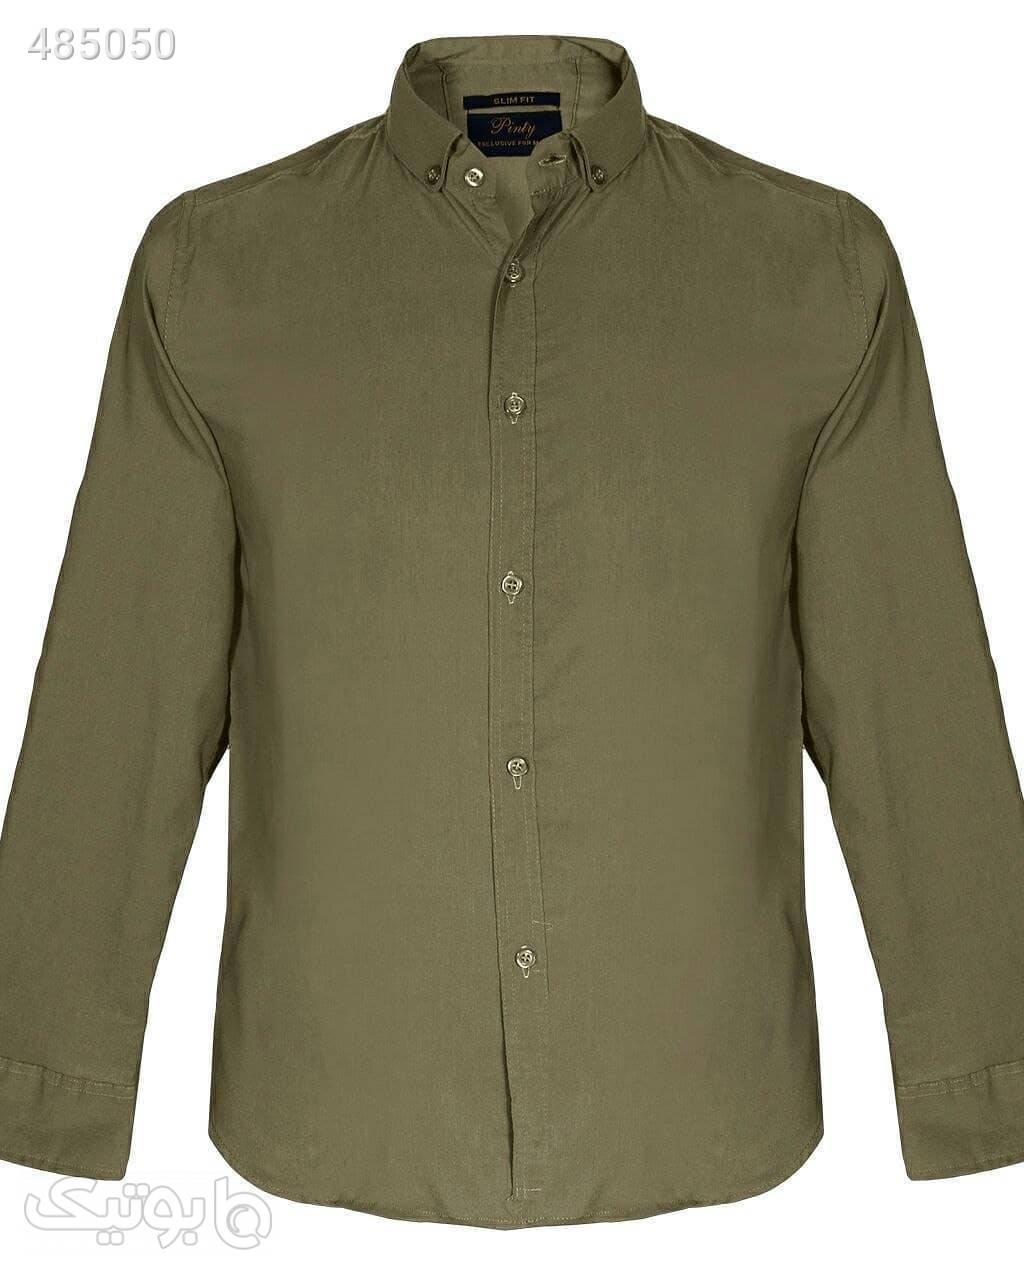 پیراهن مردانه رسمی اداری سبز پيراهن مردانه